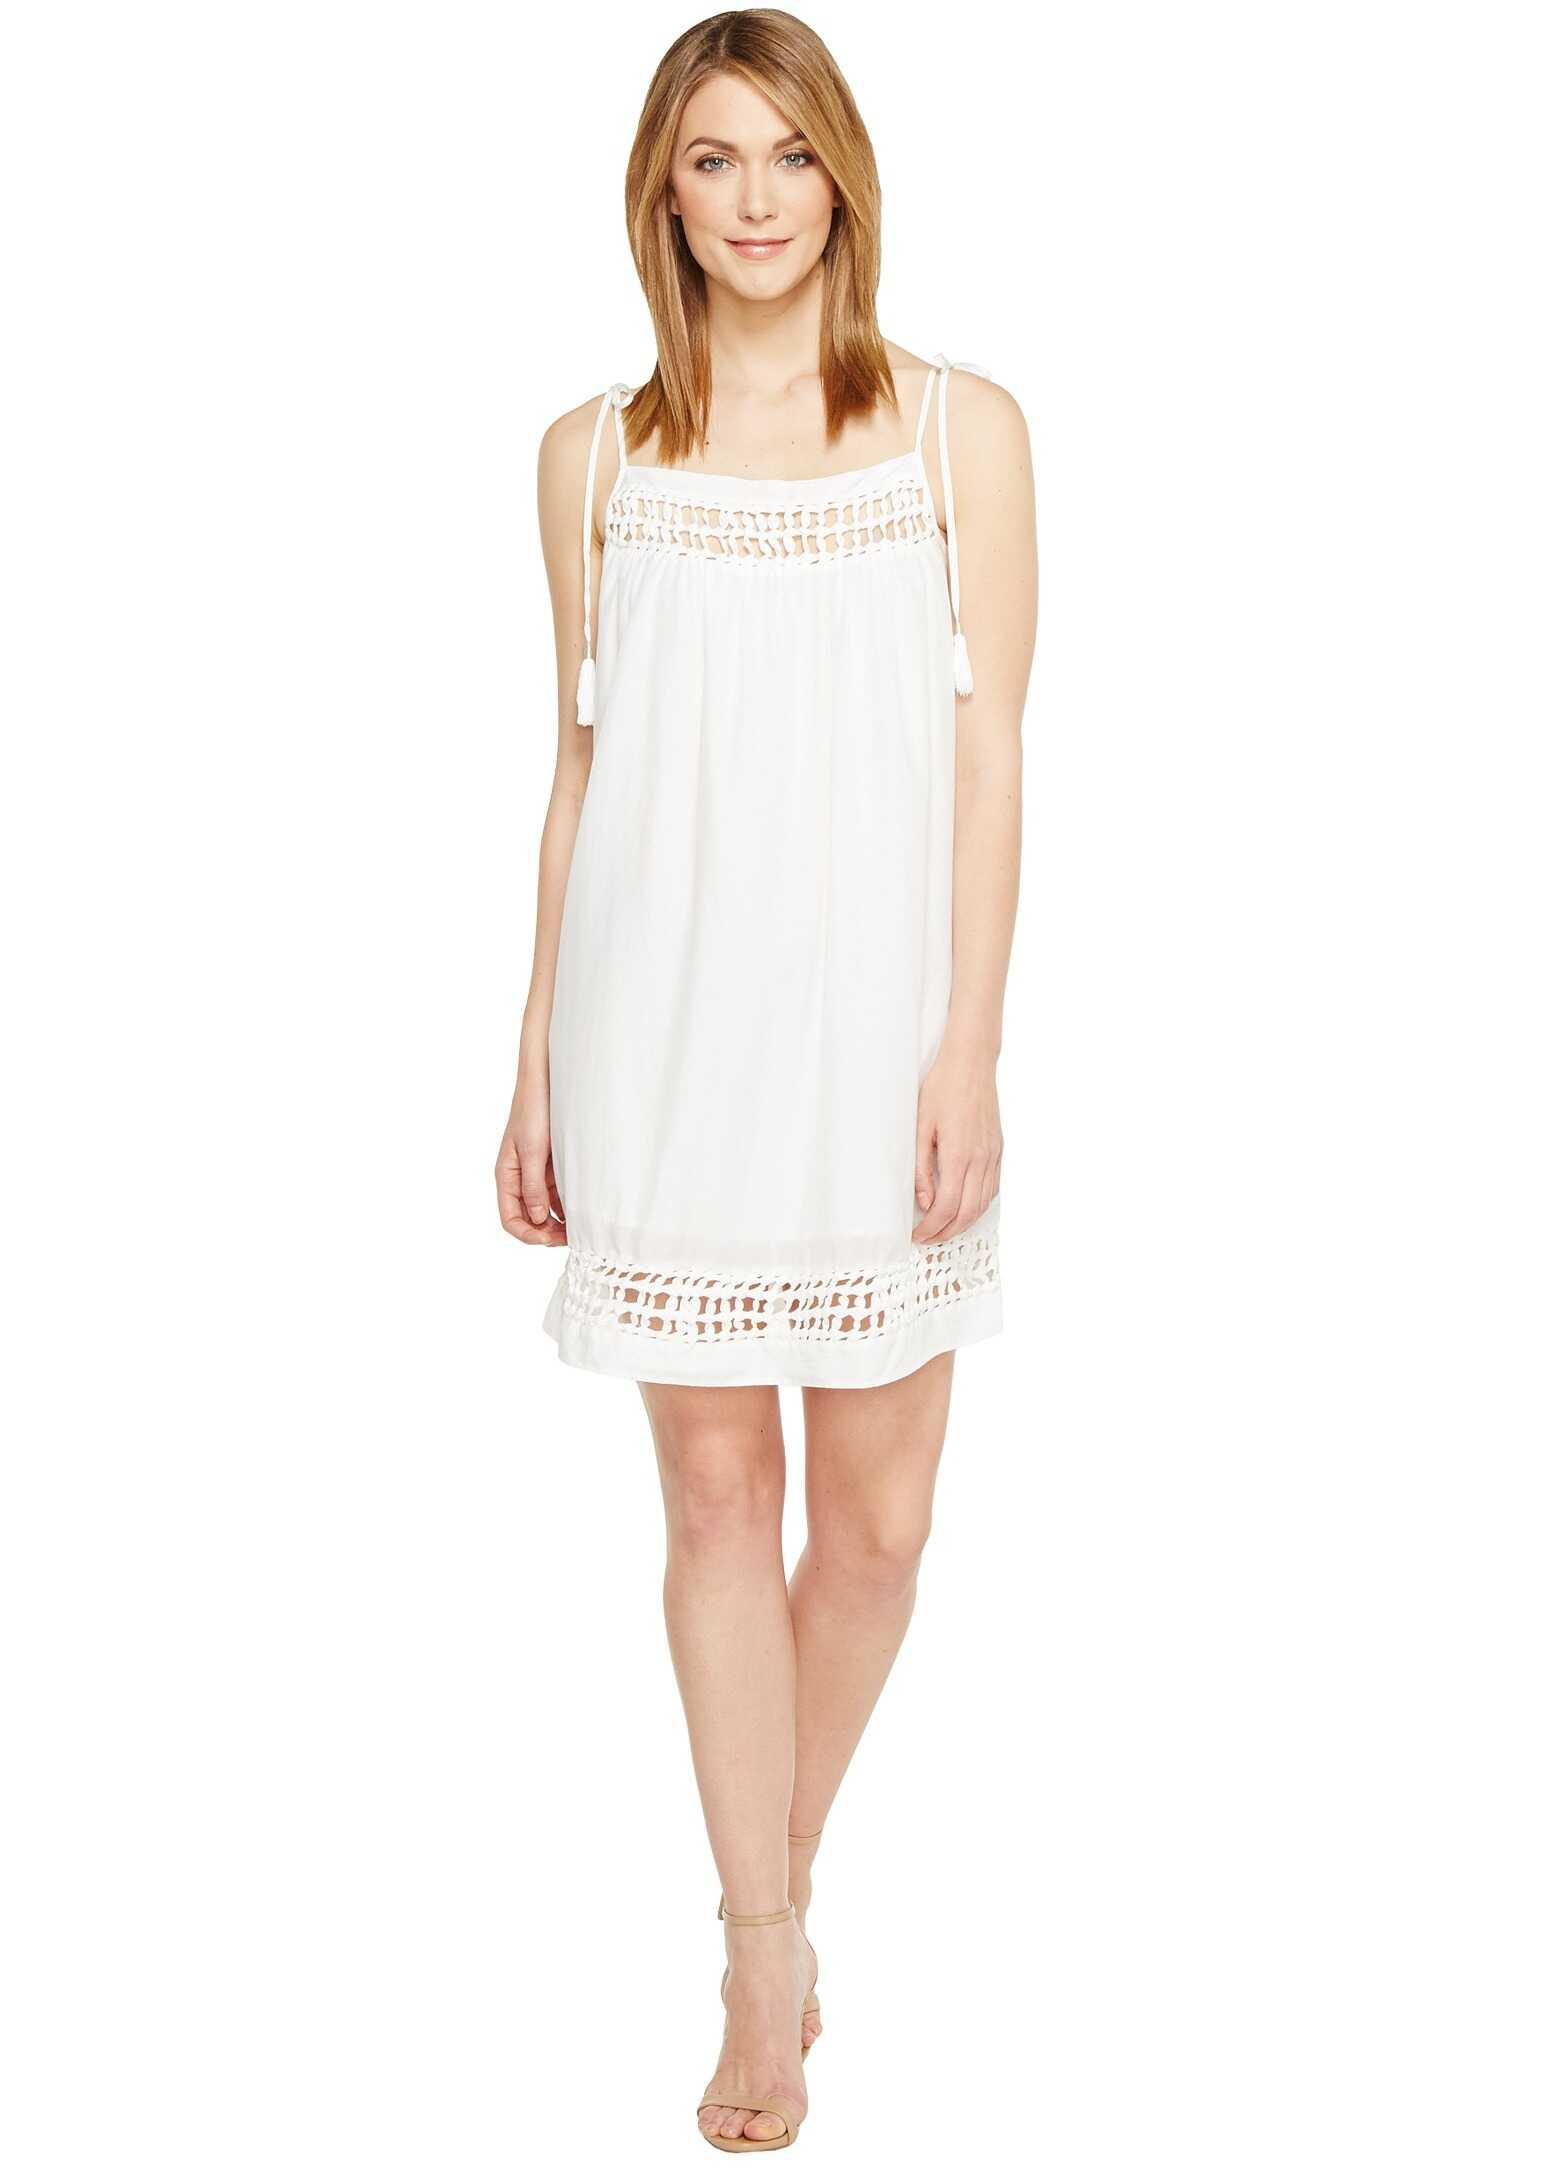 Joes Jeans Layla Dress White Lawn